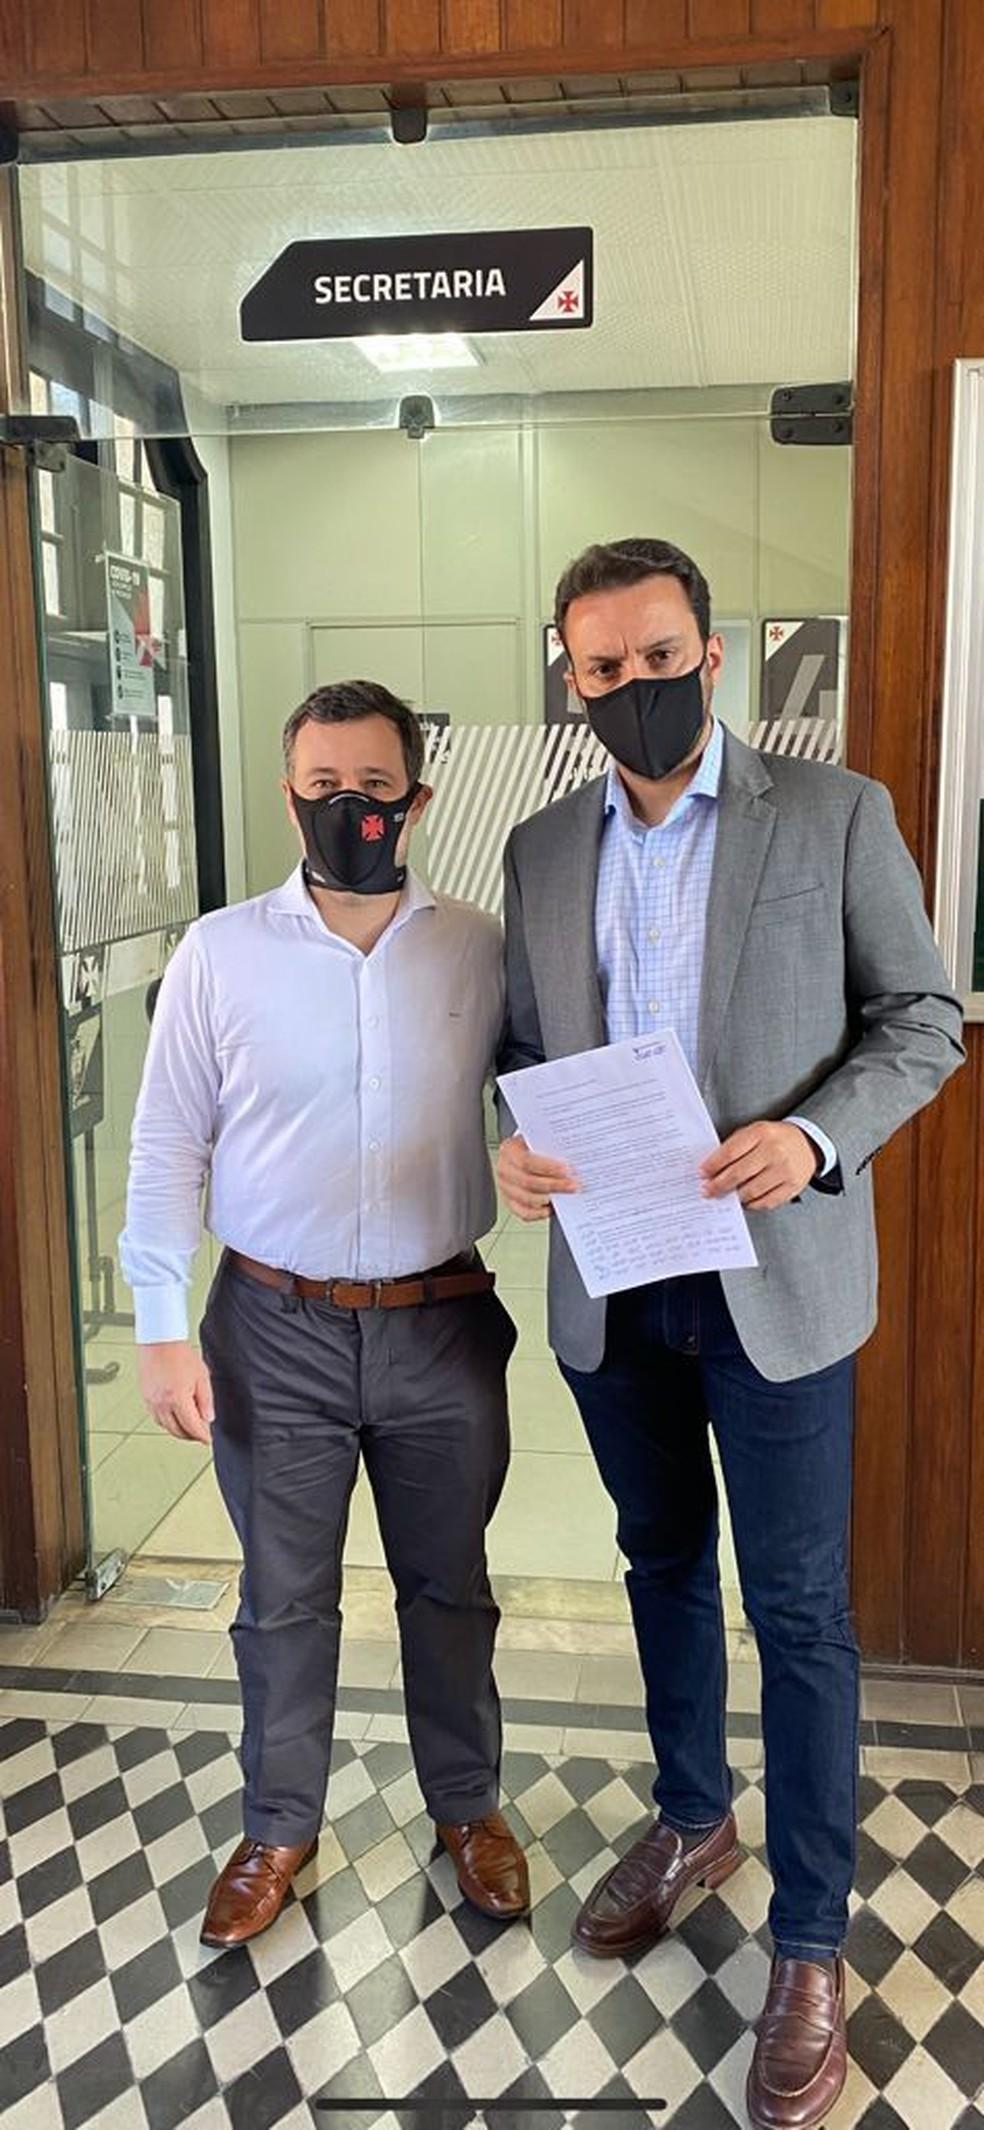 Renato Brito e Julio Brant protocolam carta junto à secretaria do Vasco cobrando Jorge Salgado — Foto: Arquivo Pessoal